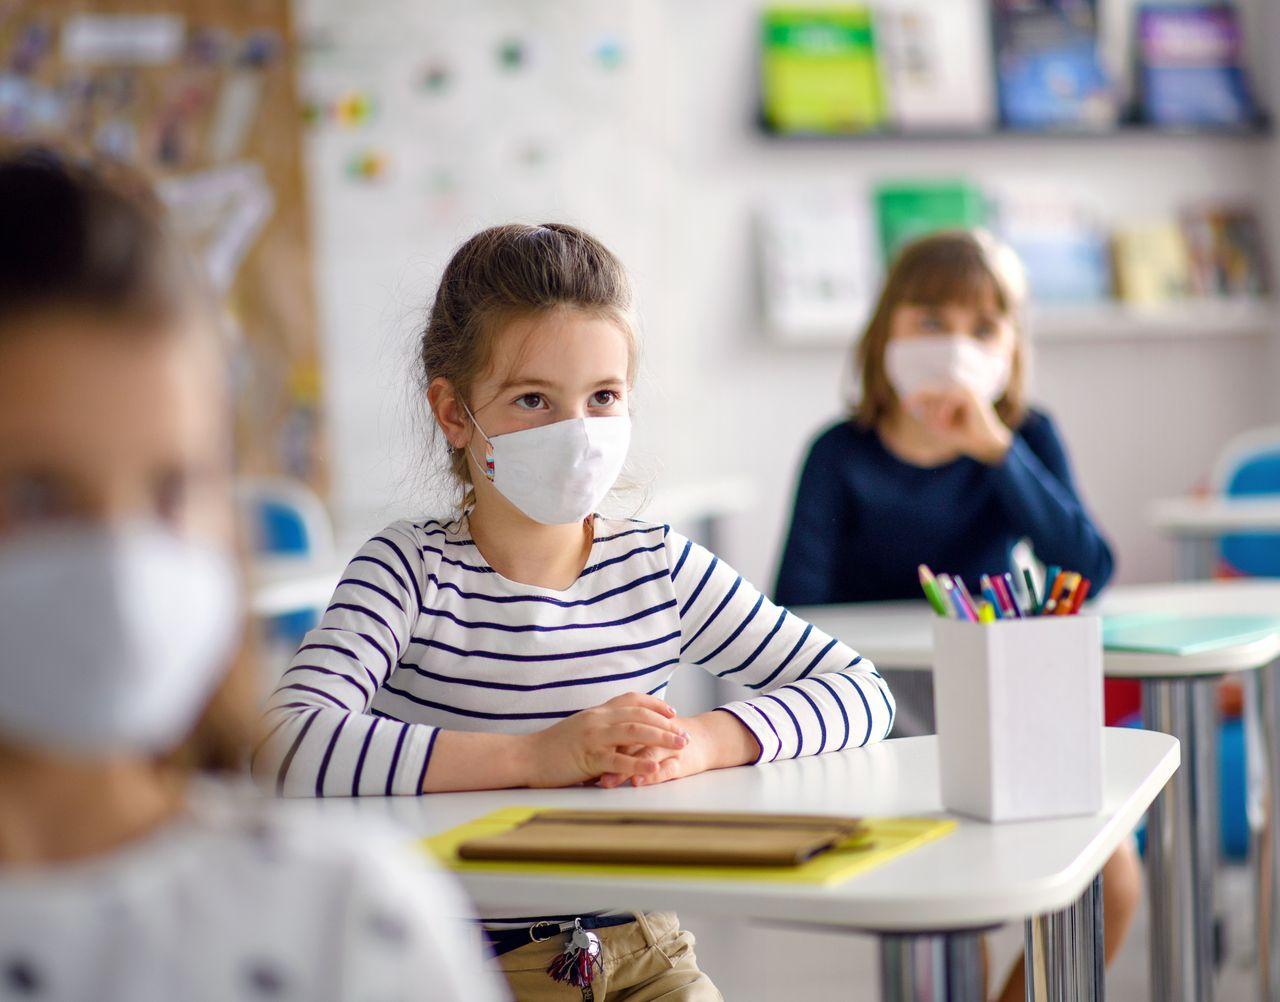 Jest decyzja w sprawie szczepień najmłodszych na koronawirusa. Będą szczepić dzieci w wieku 12 -15 lat - Zdjęcie główne